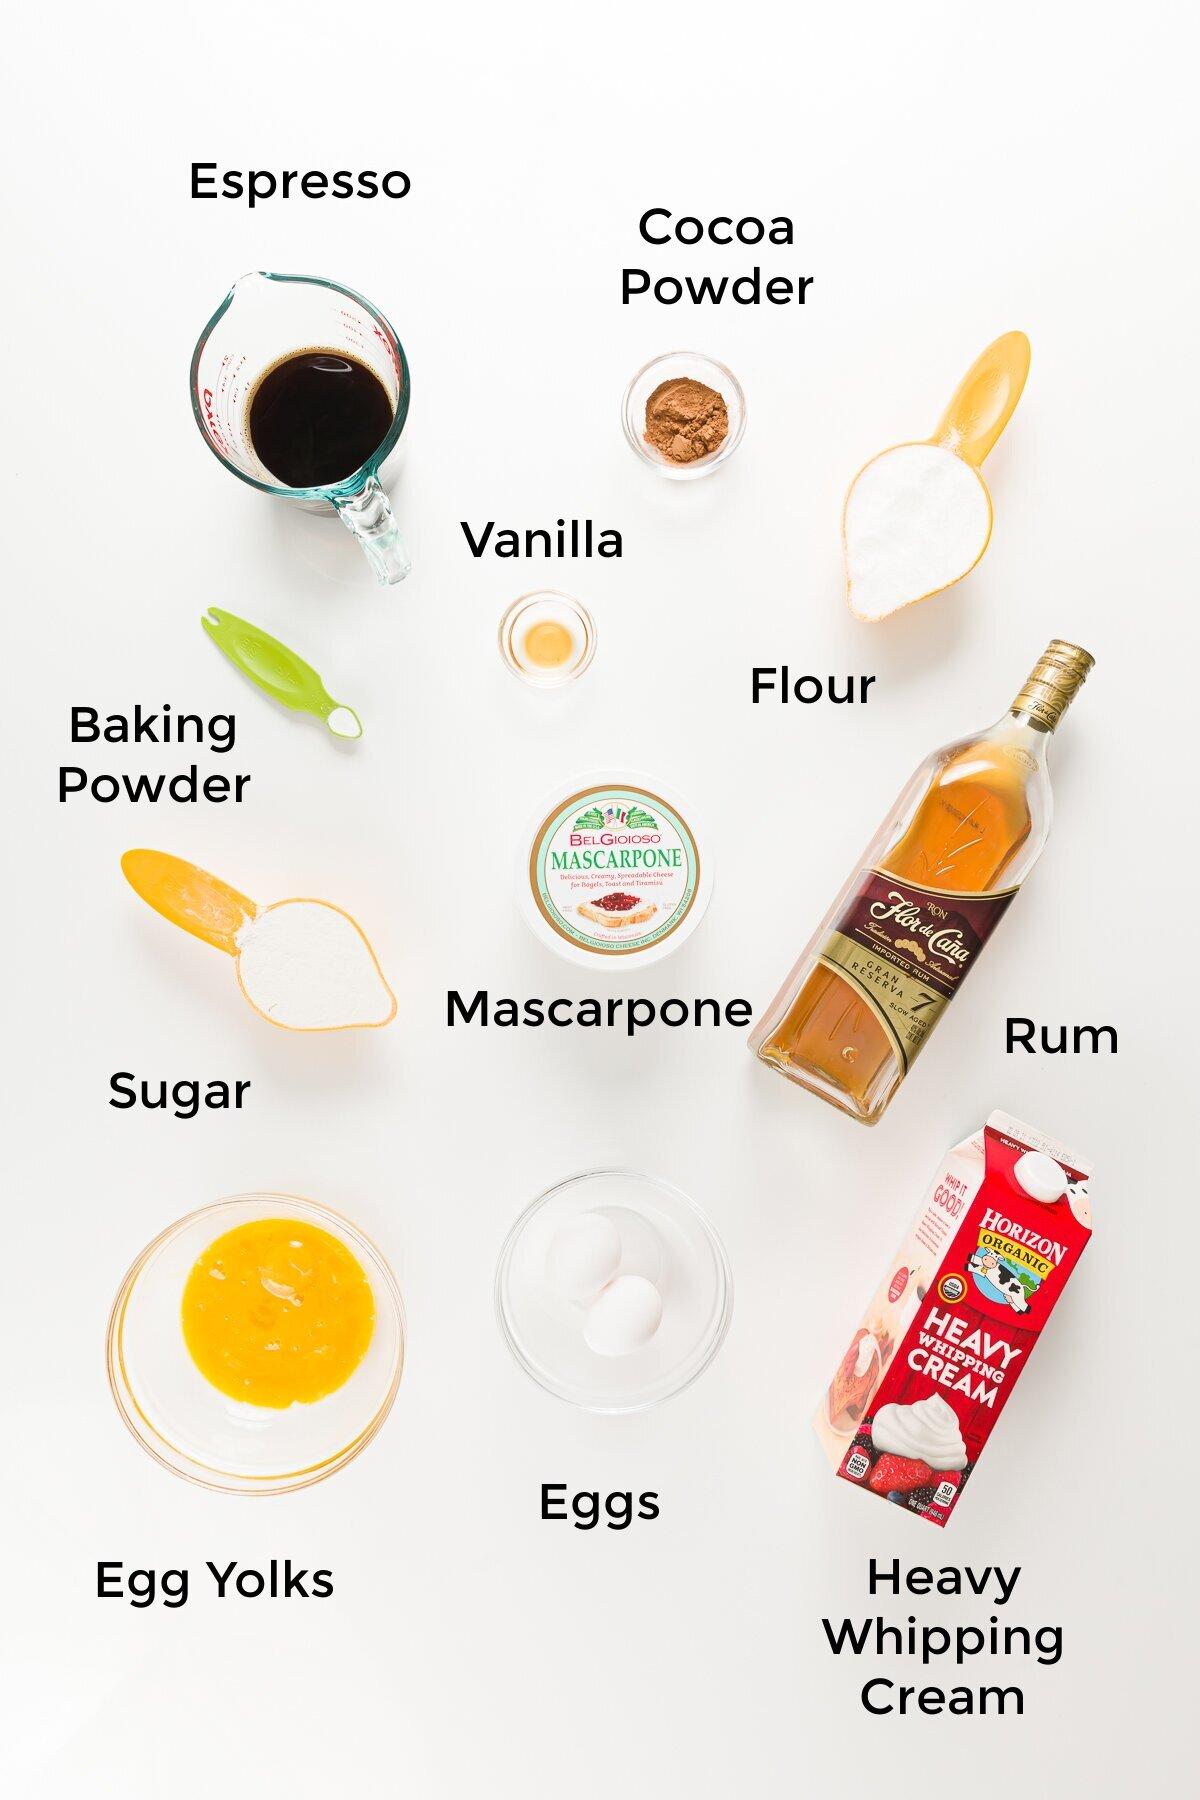 Fotografía cenital de ingredientes para cupcakes tiramisú